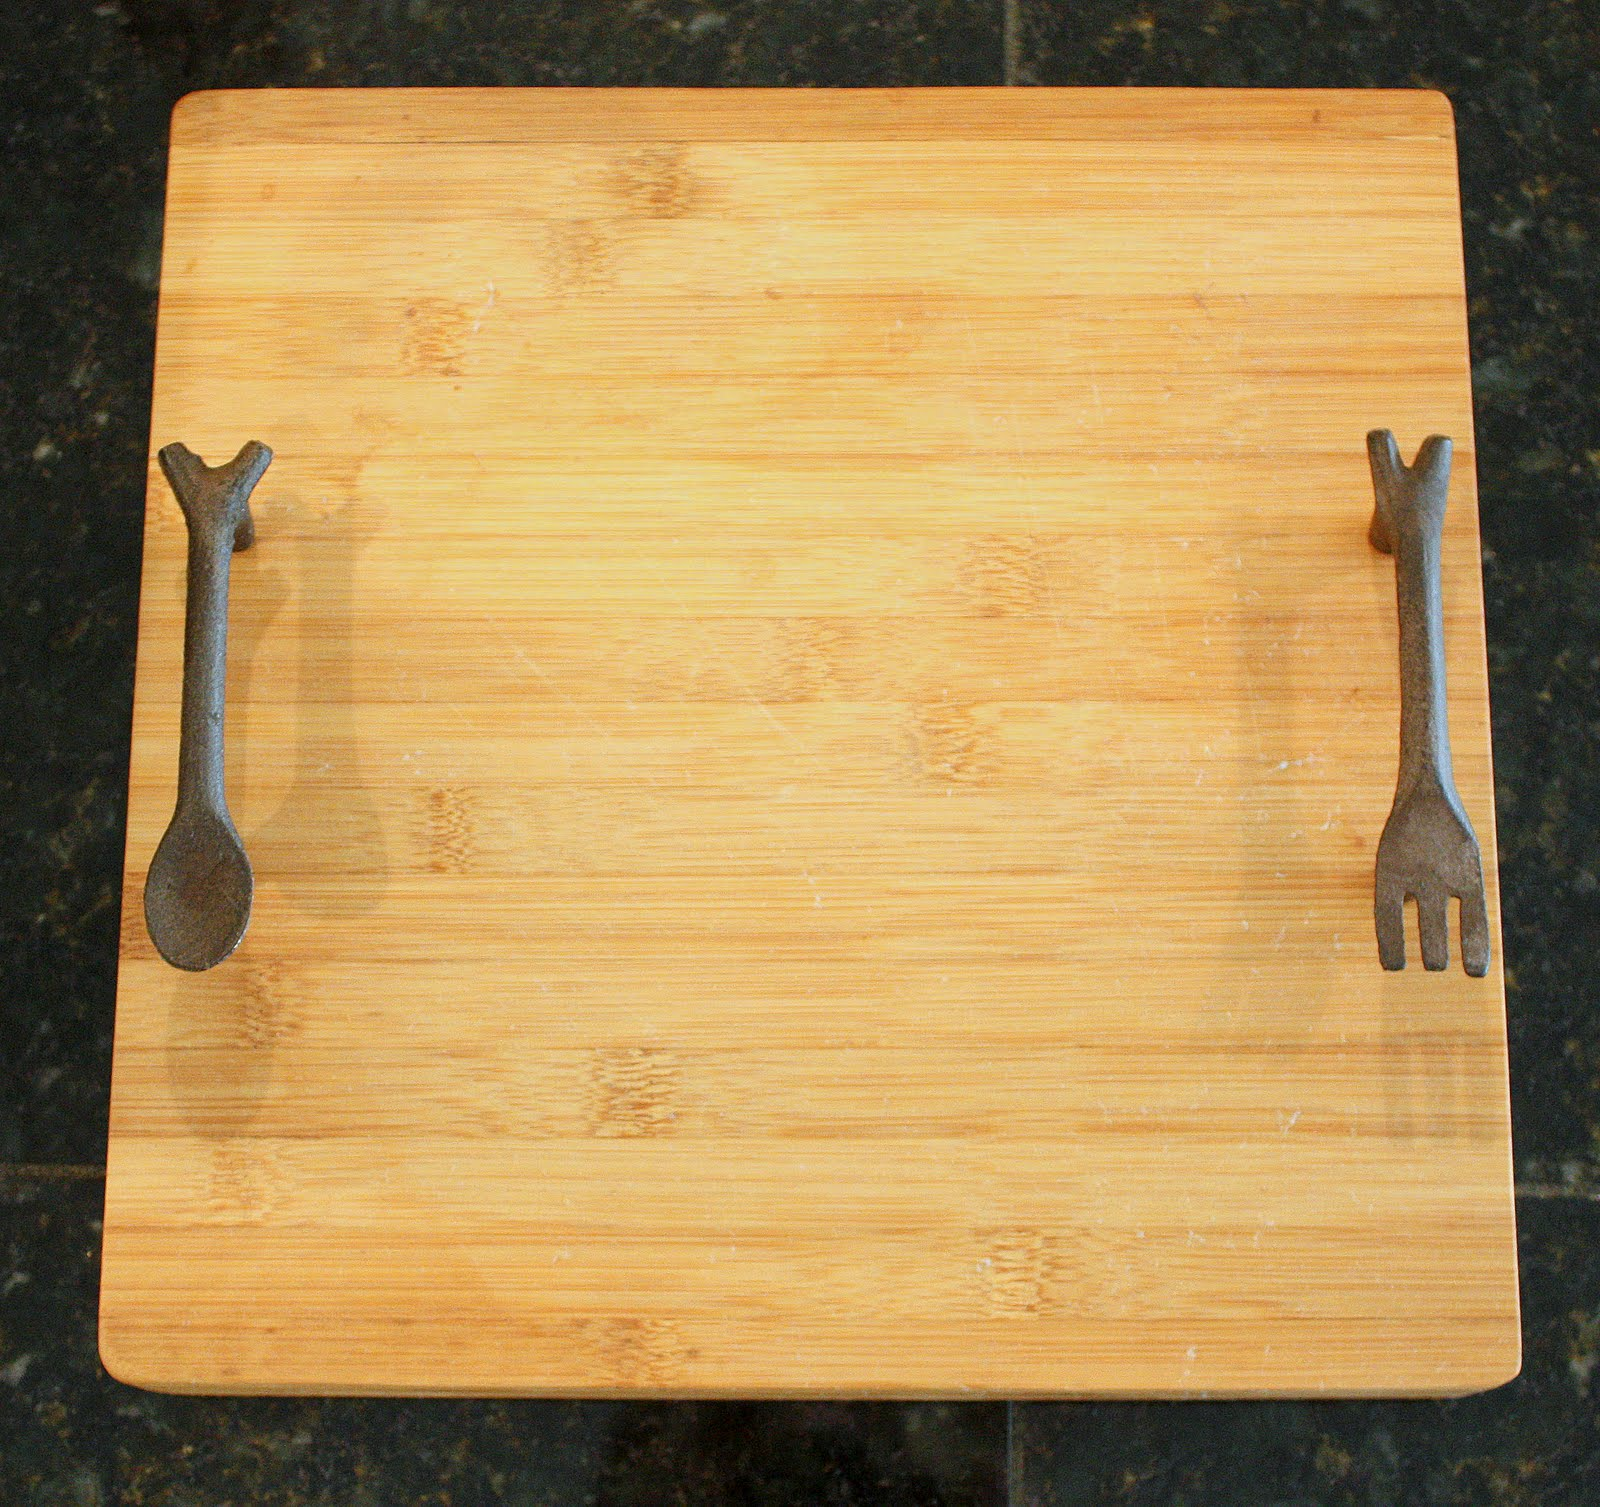 Cutting Board: DIY Cutting Board